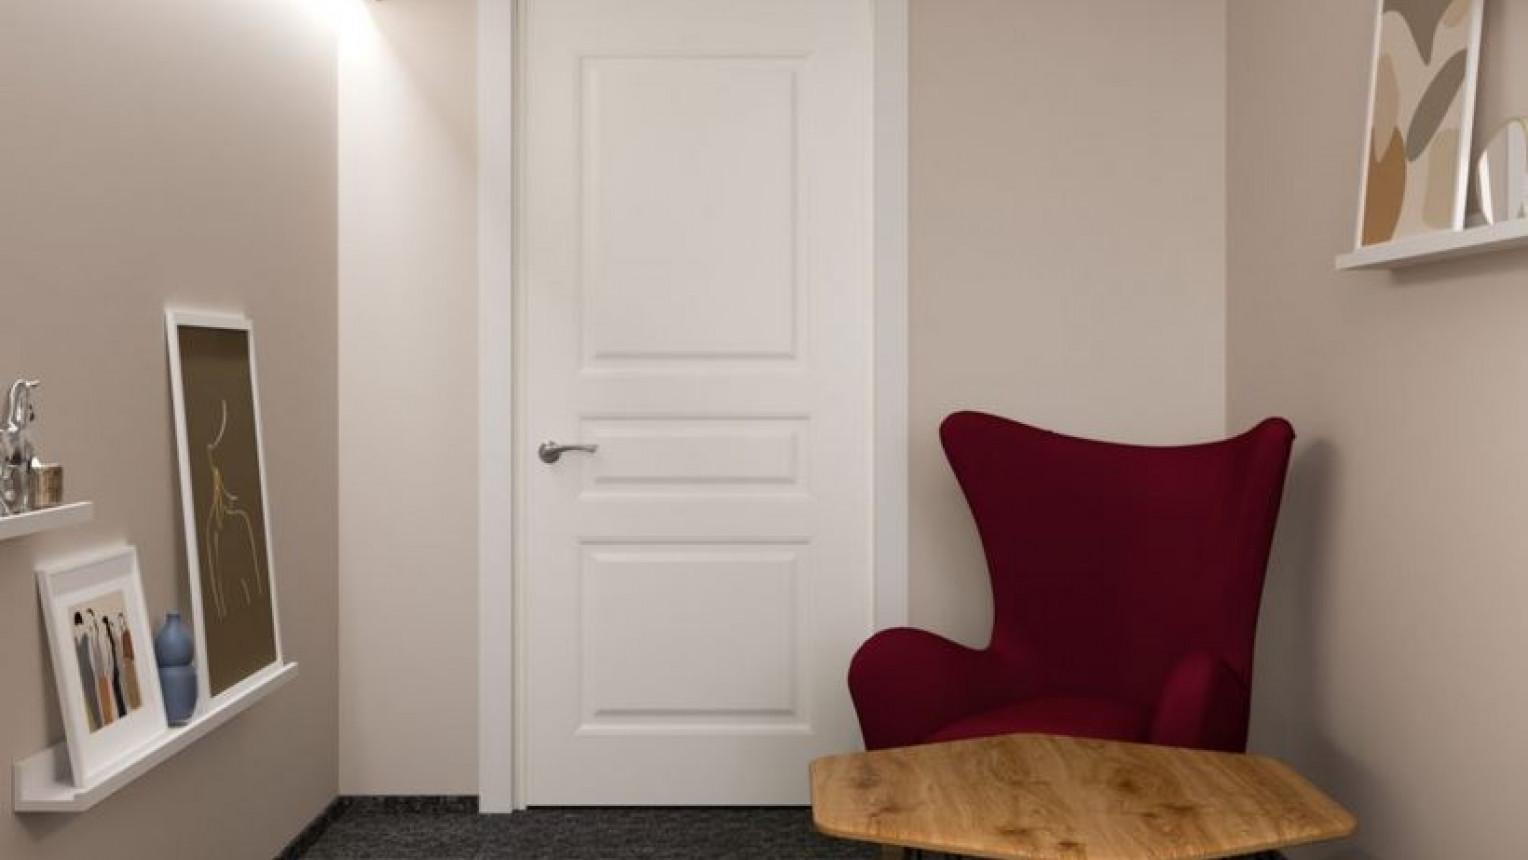 Кабинет 4й - 2 кресла - фото №1